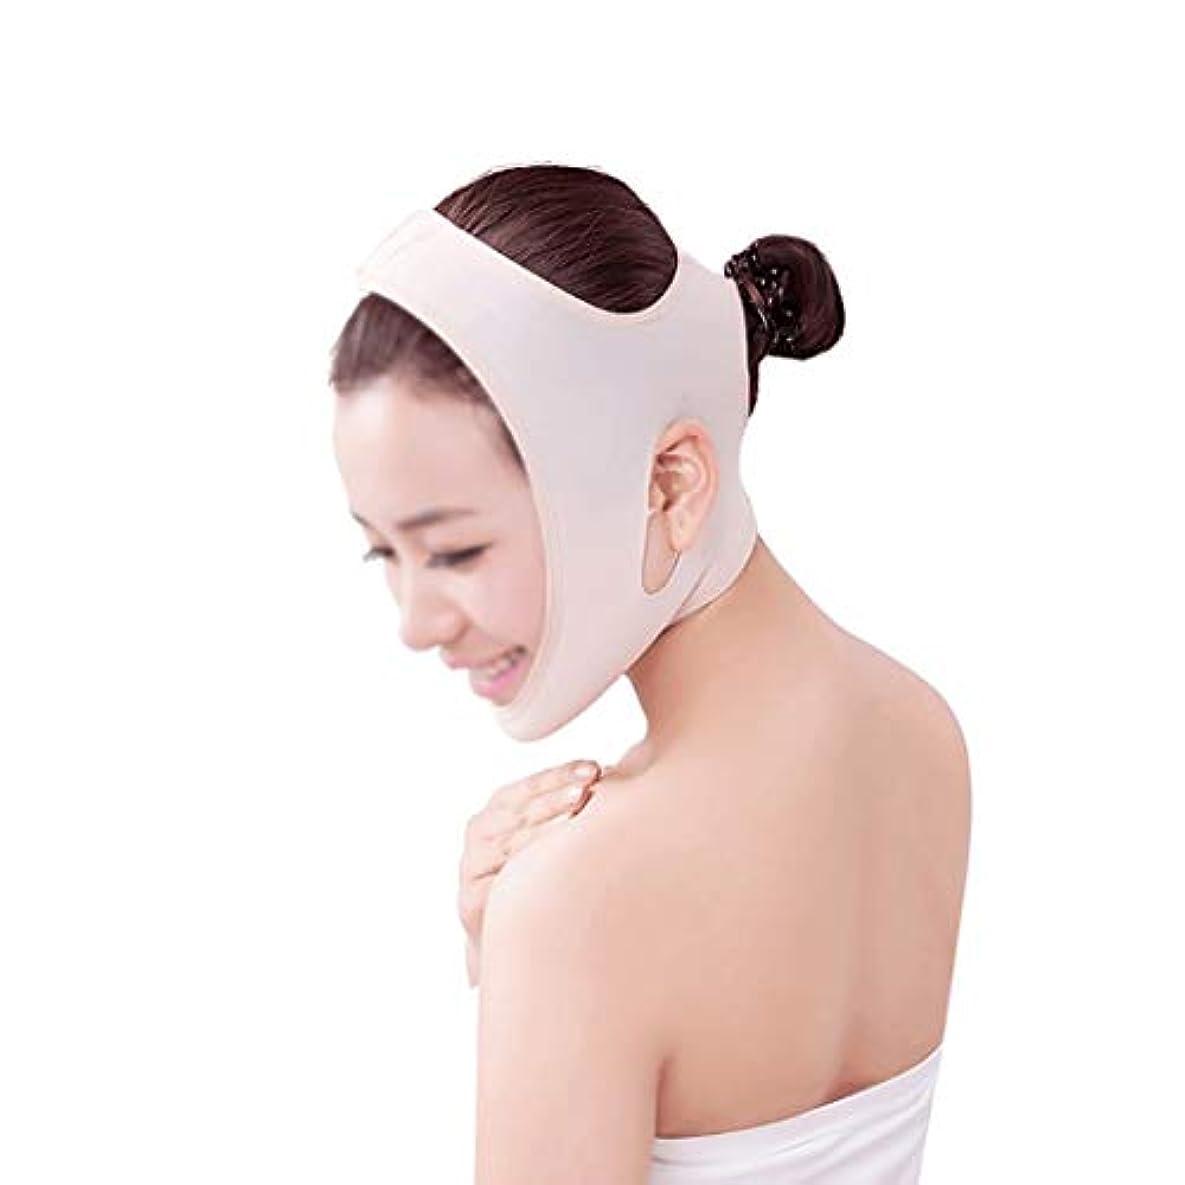 以下アラブ人エミュレートする顔と首リフト術後弾性セット美容マスク小V顔アーティファクトタイトリフティングゴムバンドリフティングフェイス薄い顔包帯 (Size : L)